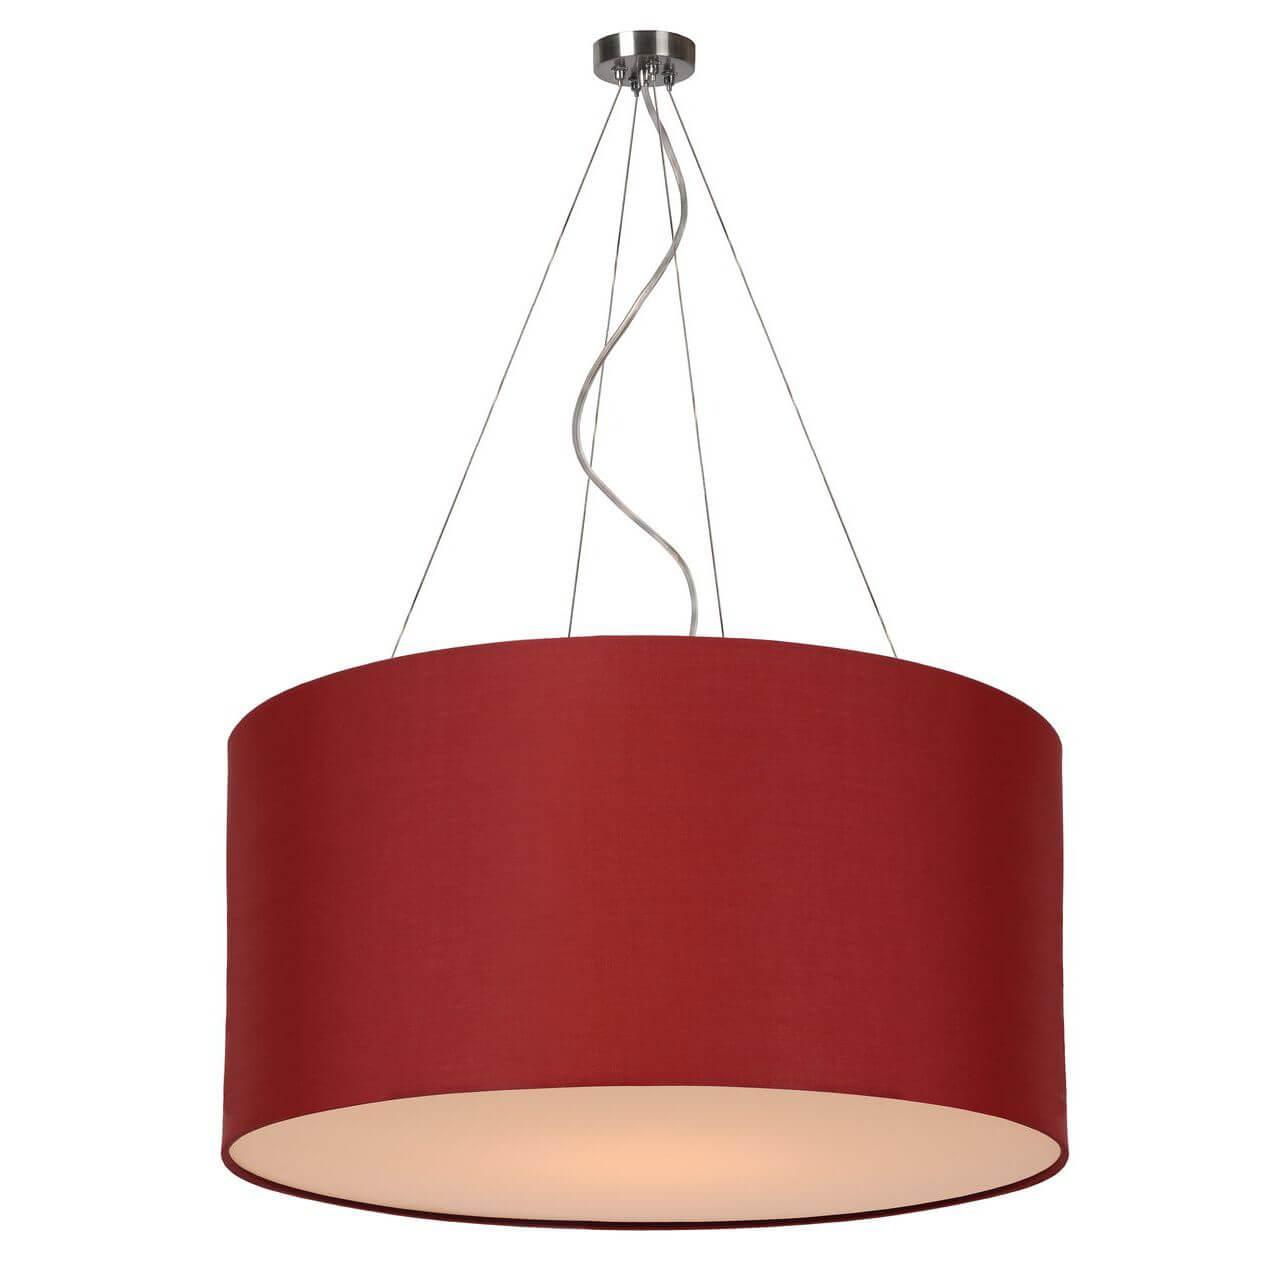 Подвесной светильник АртПром Crocus Glade S2 01 03 подвесной светильник артпром crocus glade s2 01 05